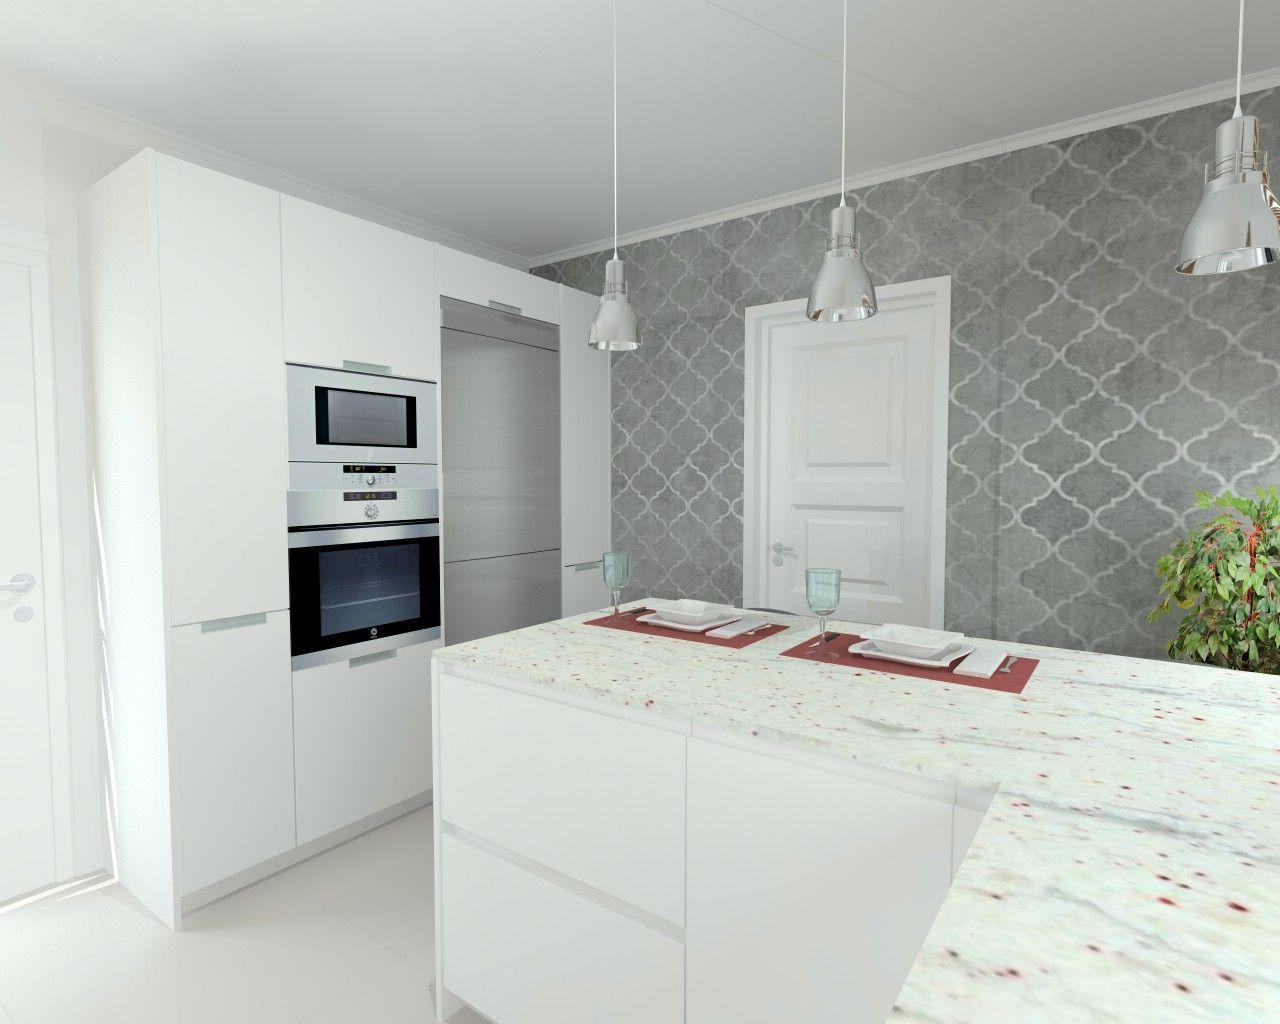 Cocina santos line estratificado blanco encimera granito warwick saten proyectos de dise o de - Encimera cocina granito ...